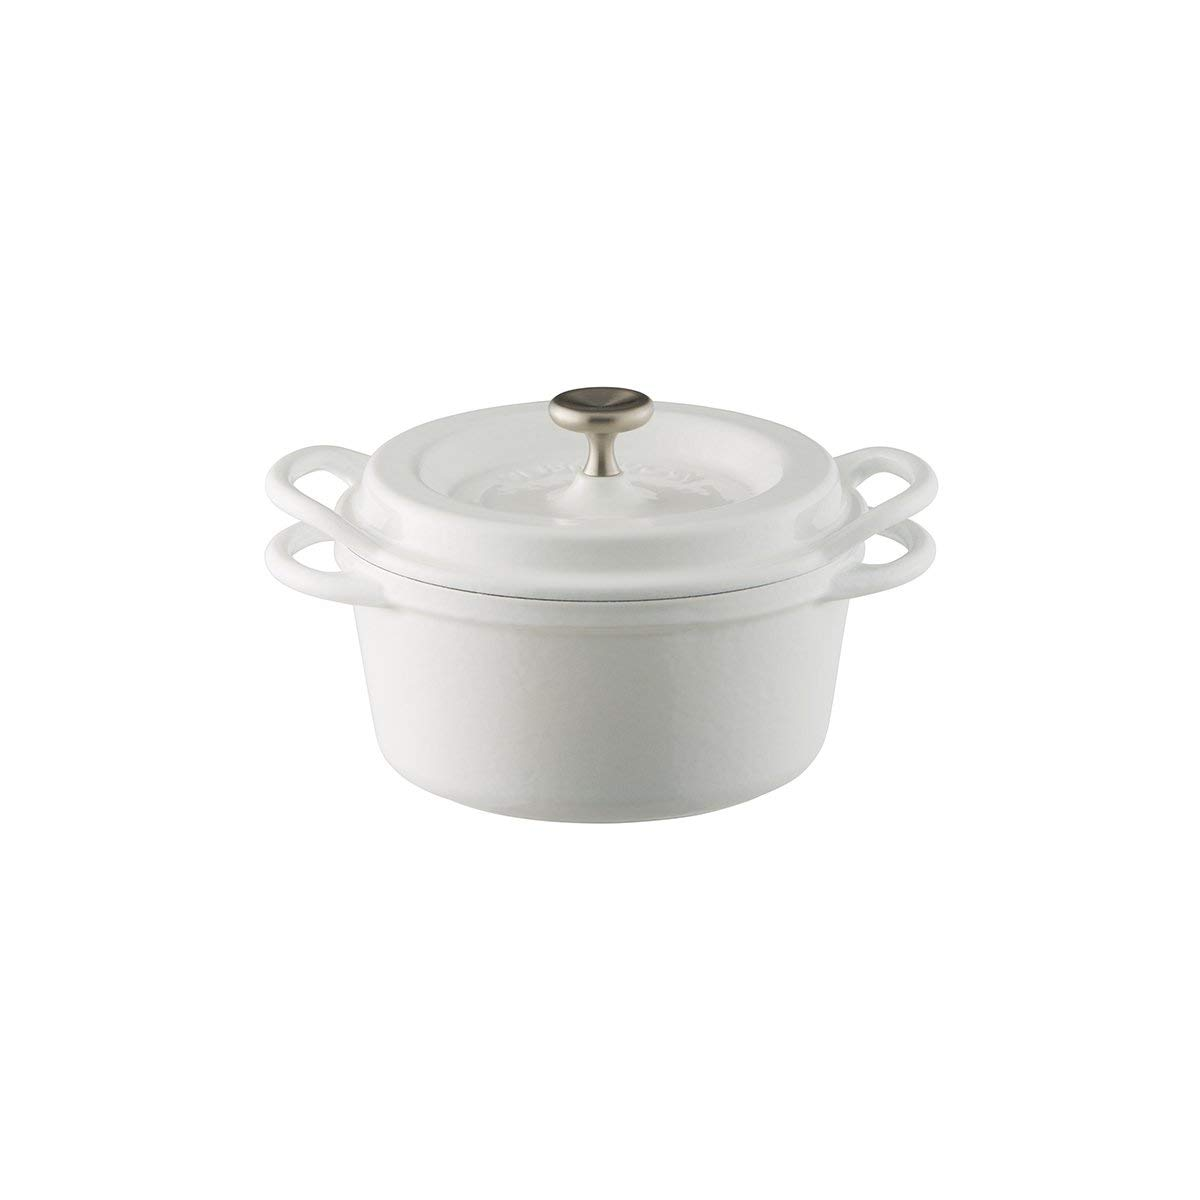 【バーミキュラ】 オーブンポットラウンド 14cm 無水 ホーロー鍋 専用レシピブック付 パールホワイト